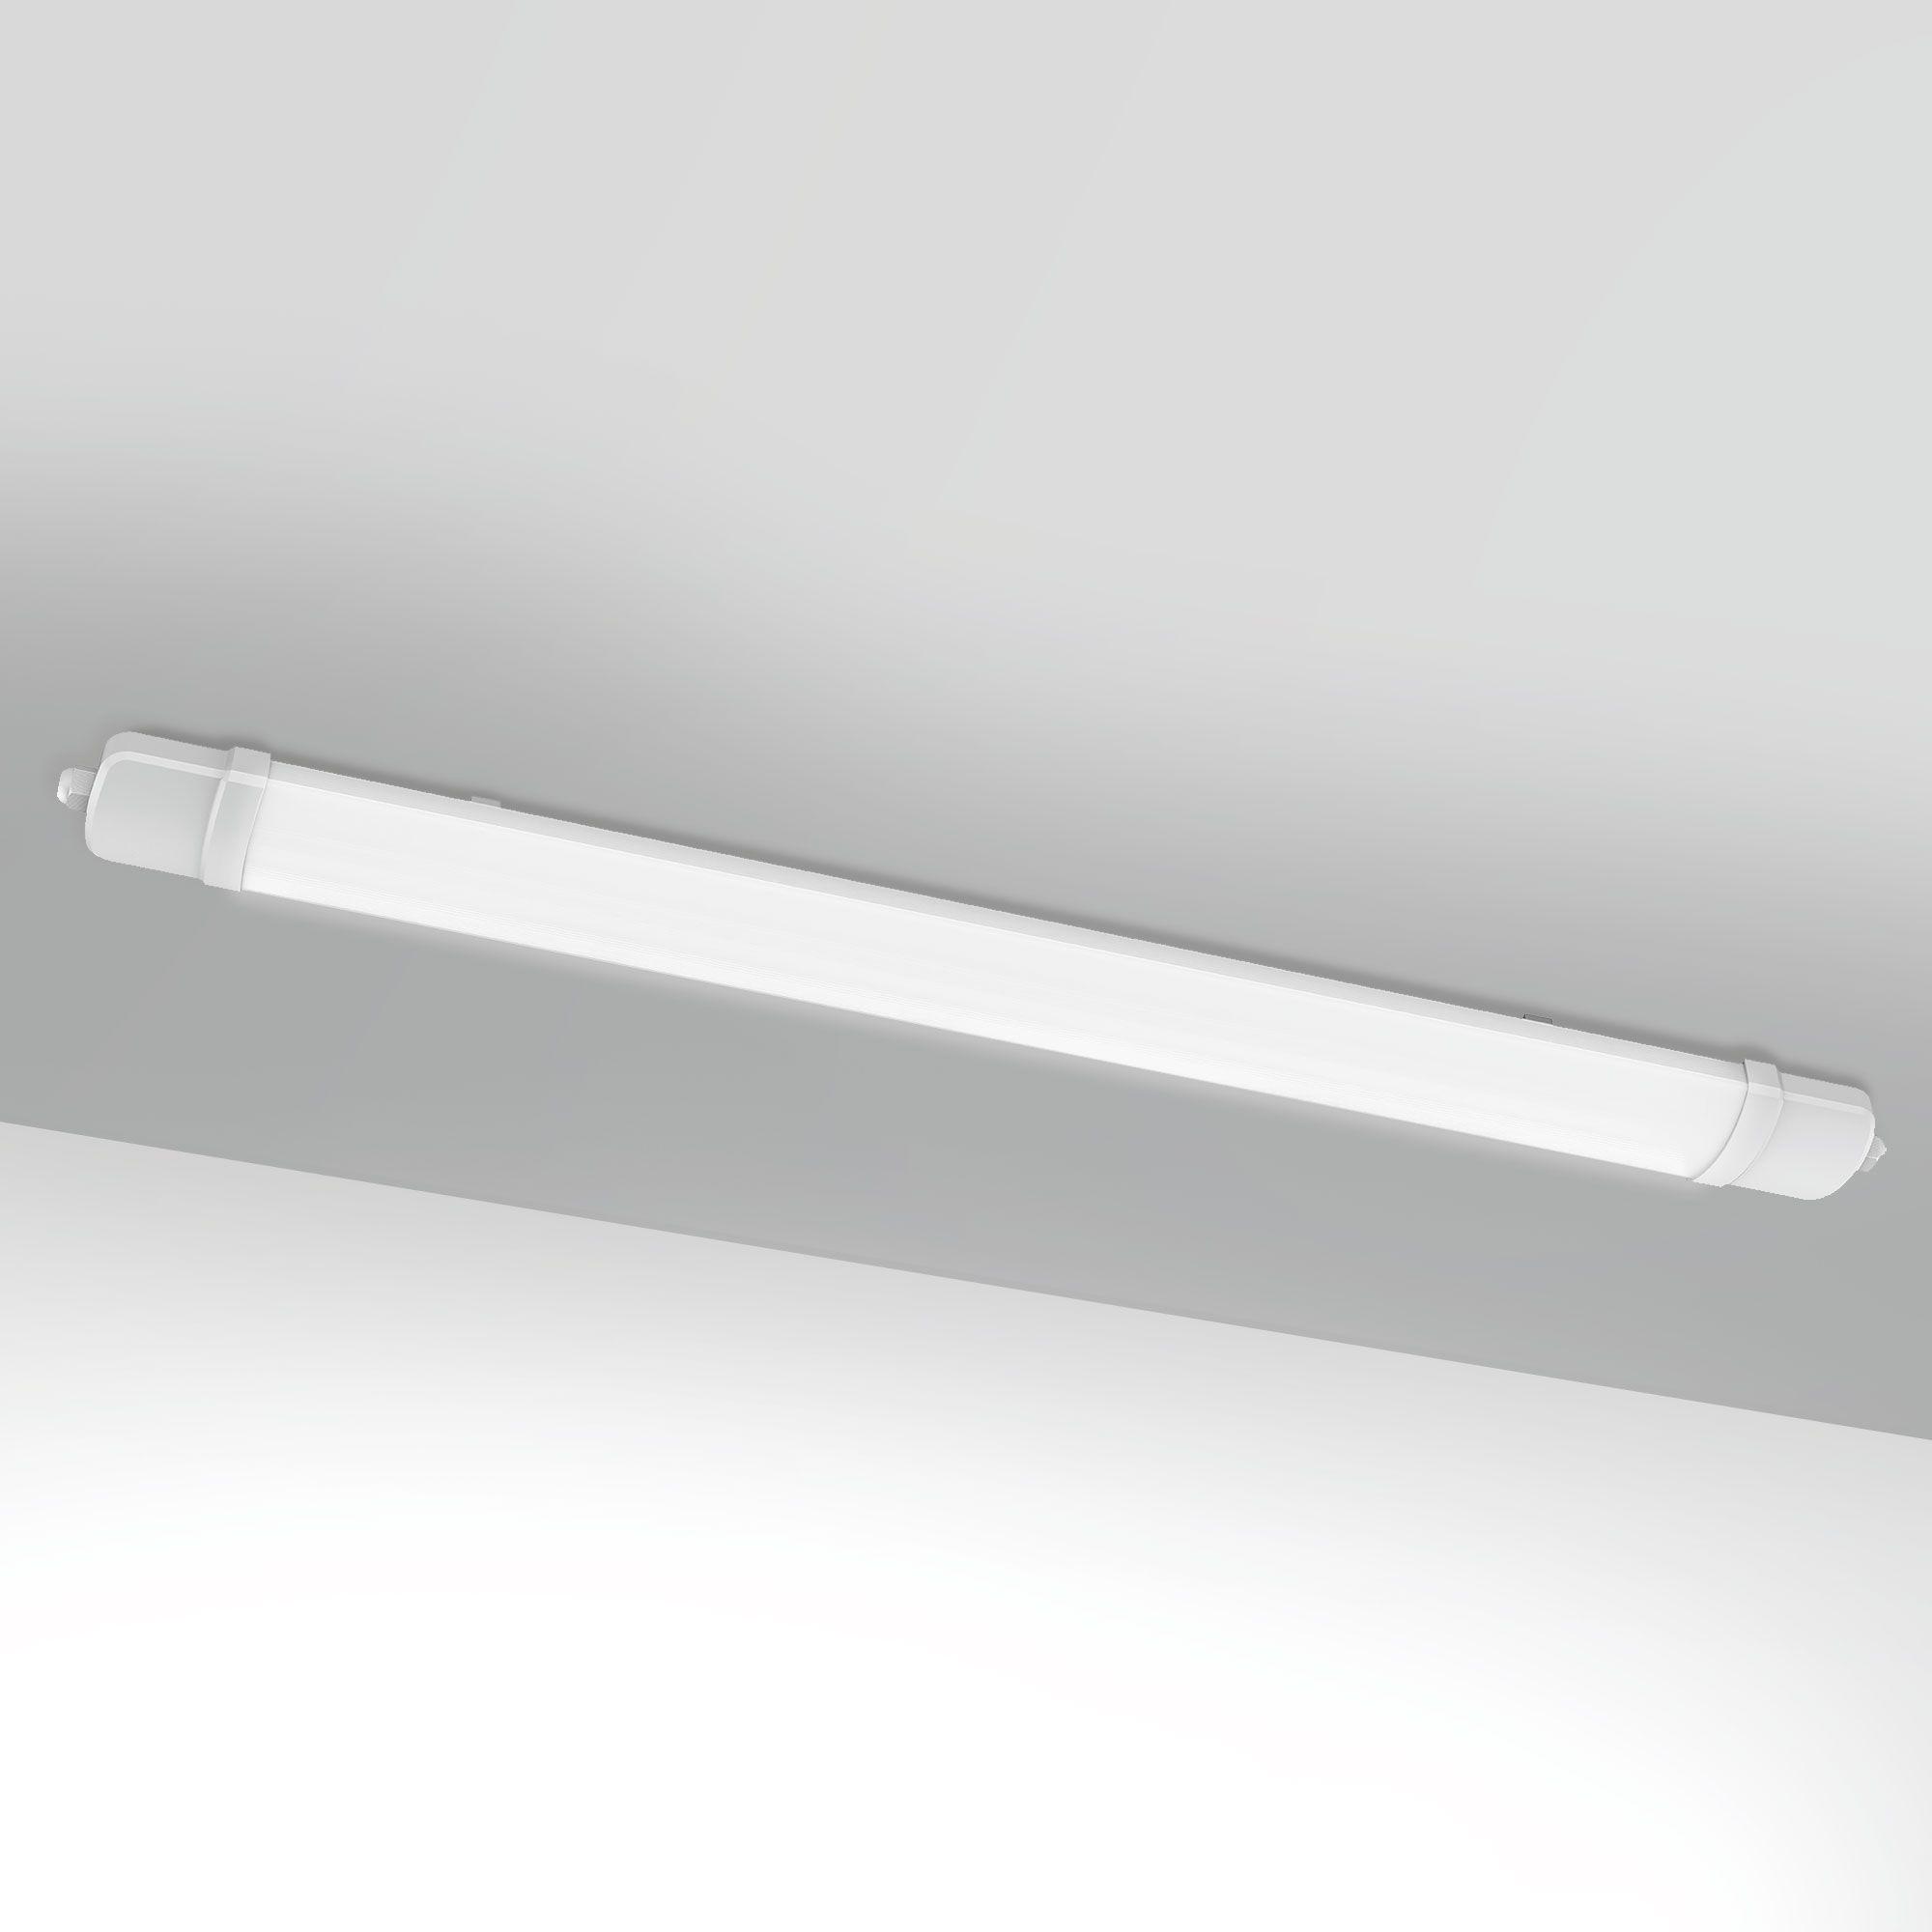 Пылевлагозащищенный светодиодный светильник 36Вт 6500К LTB71 белый